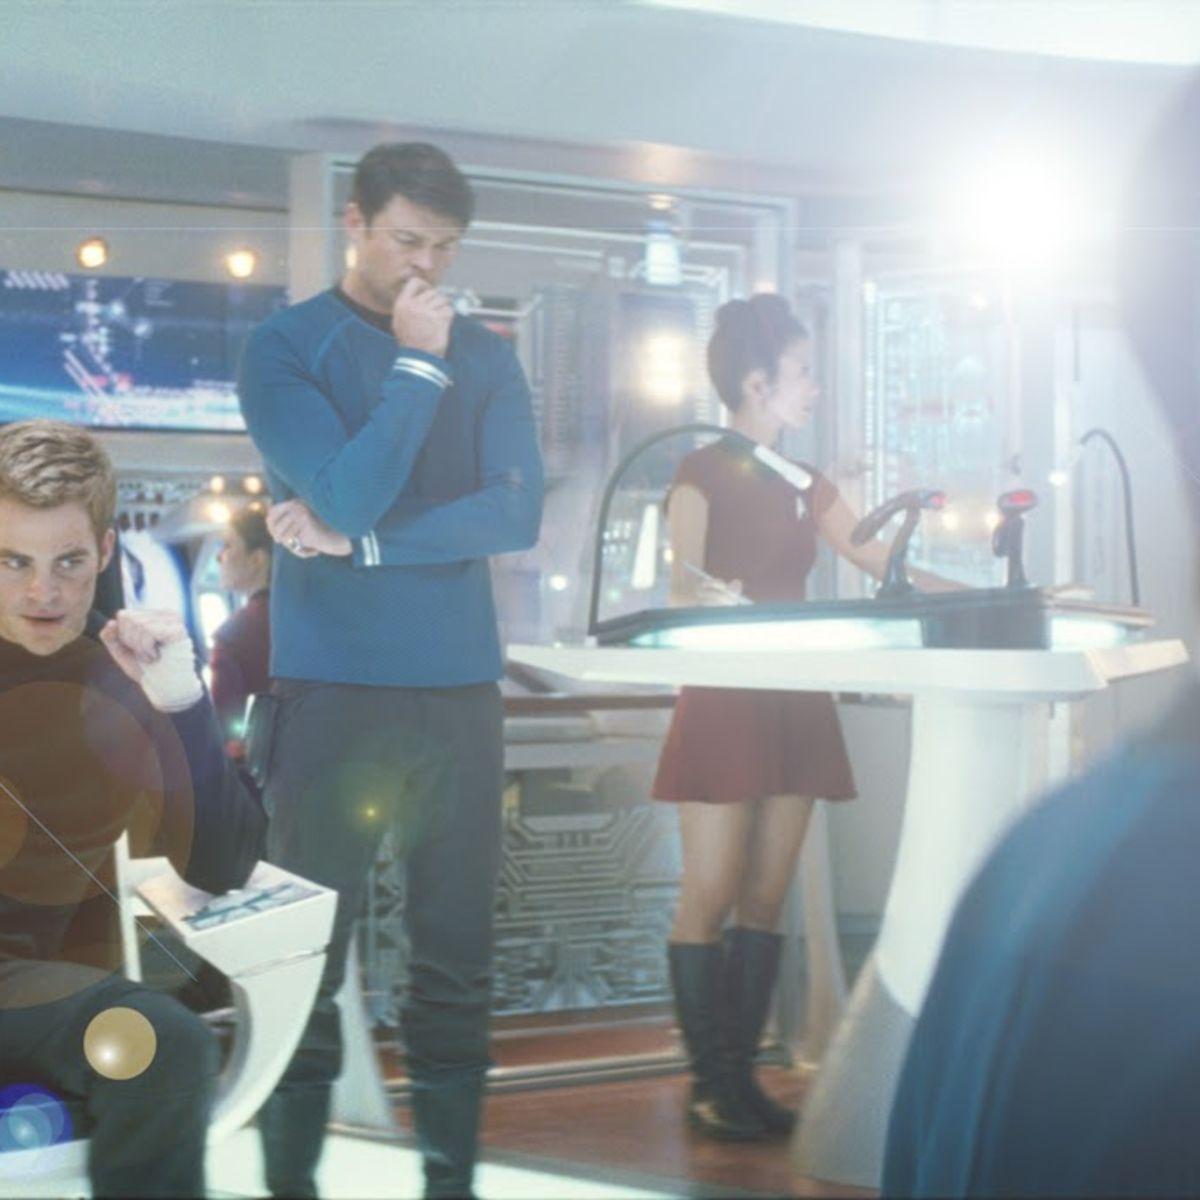 Star-Trek-2009-Lens-Flare.jpg